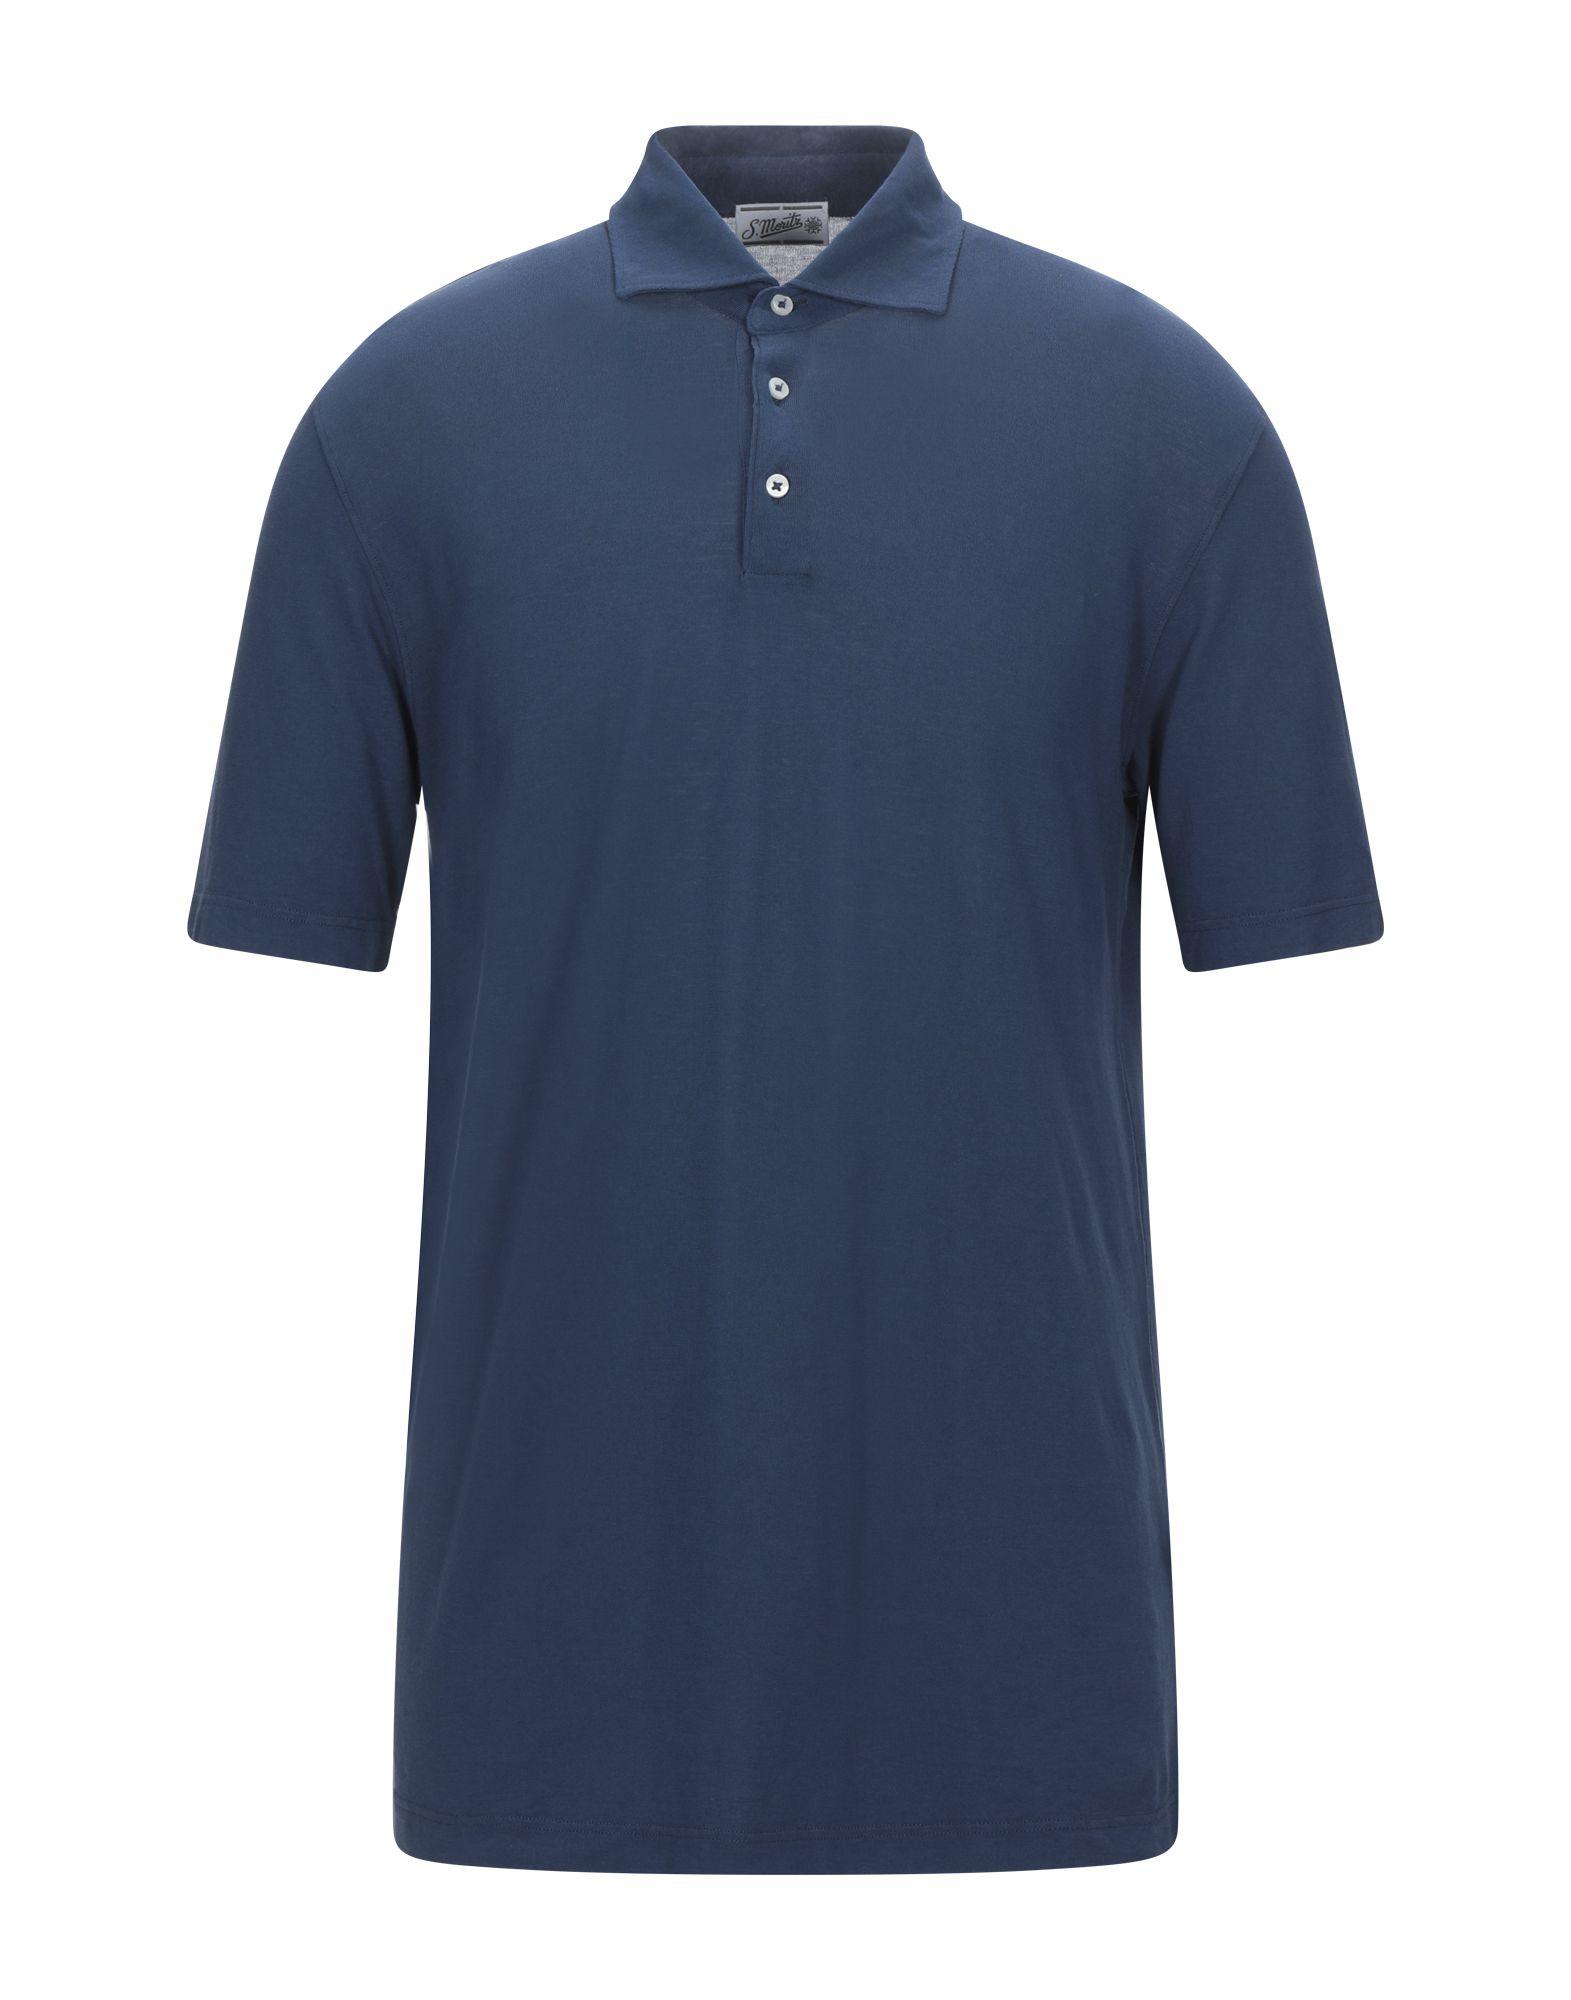 《セール開催中》S. MORITZ メンズ ポロシャツ ブルー 52 コットン 100%